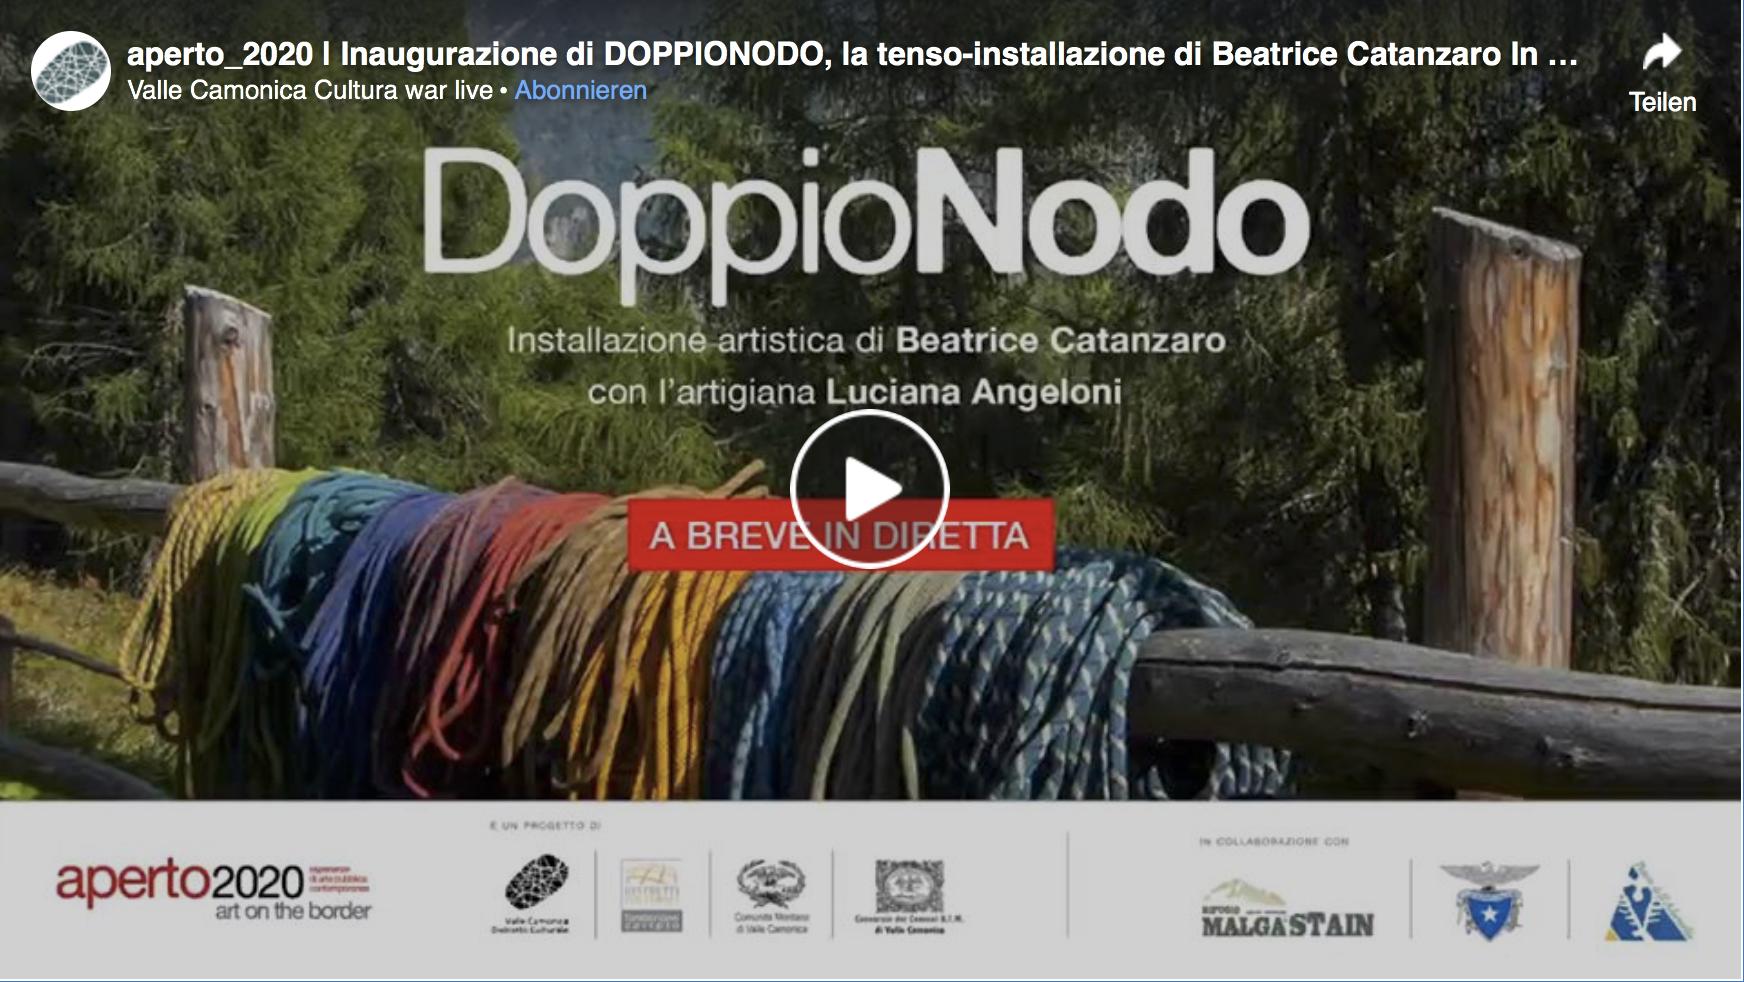 inaugurazione doppio nodo Beatrice Catanzaro